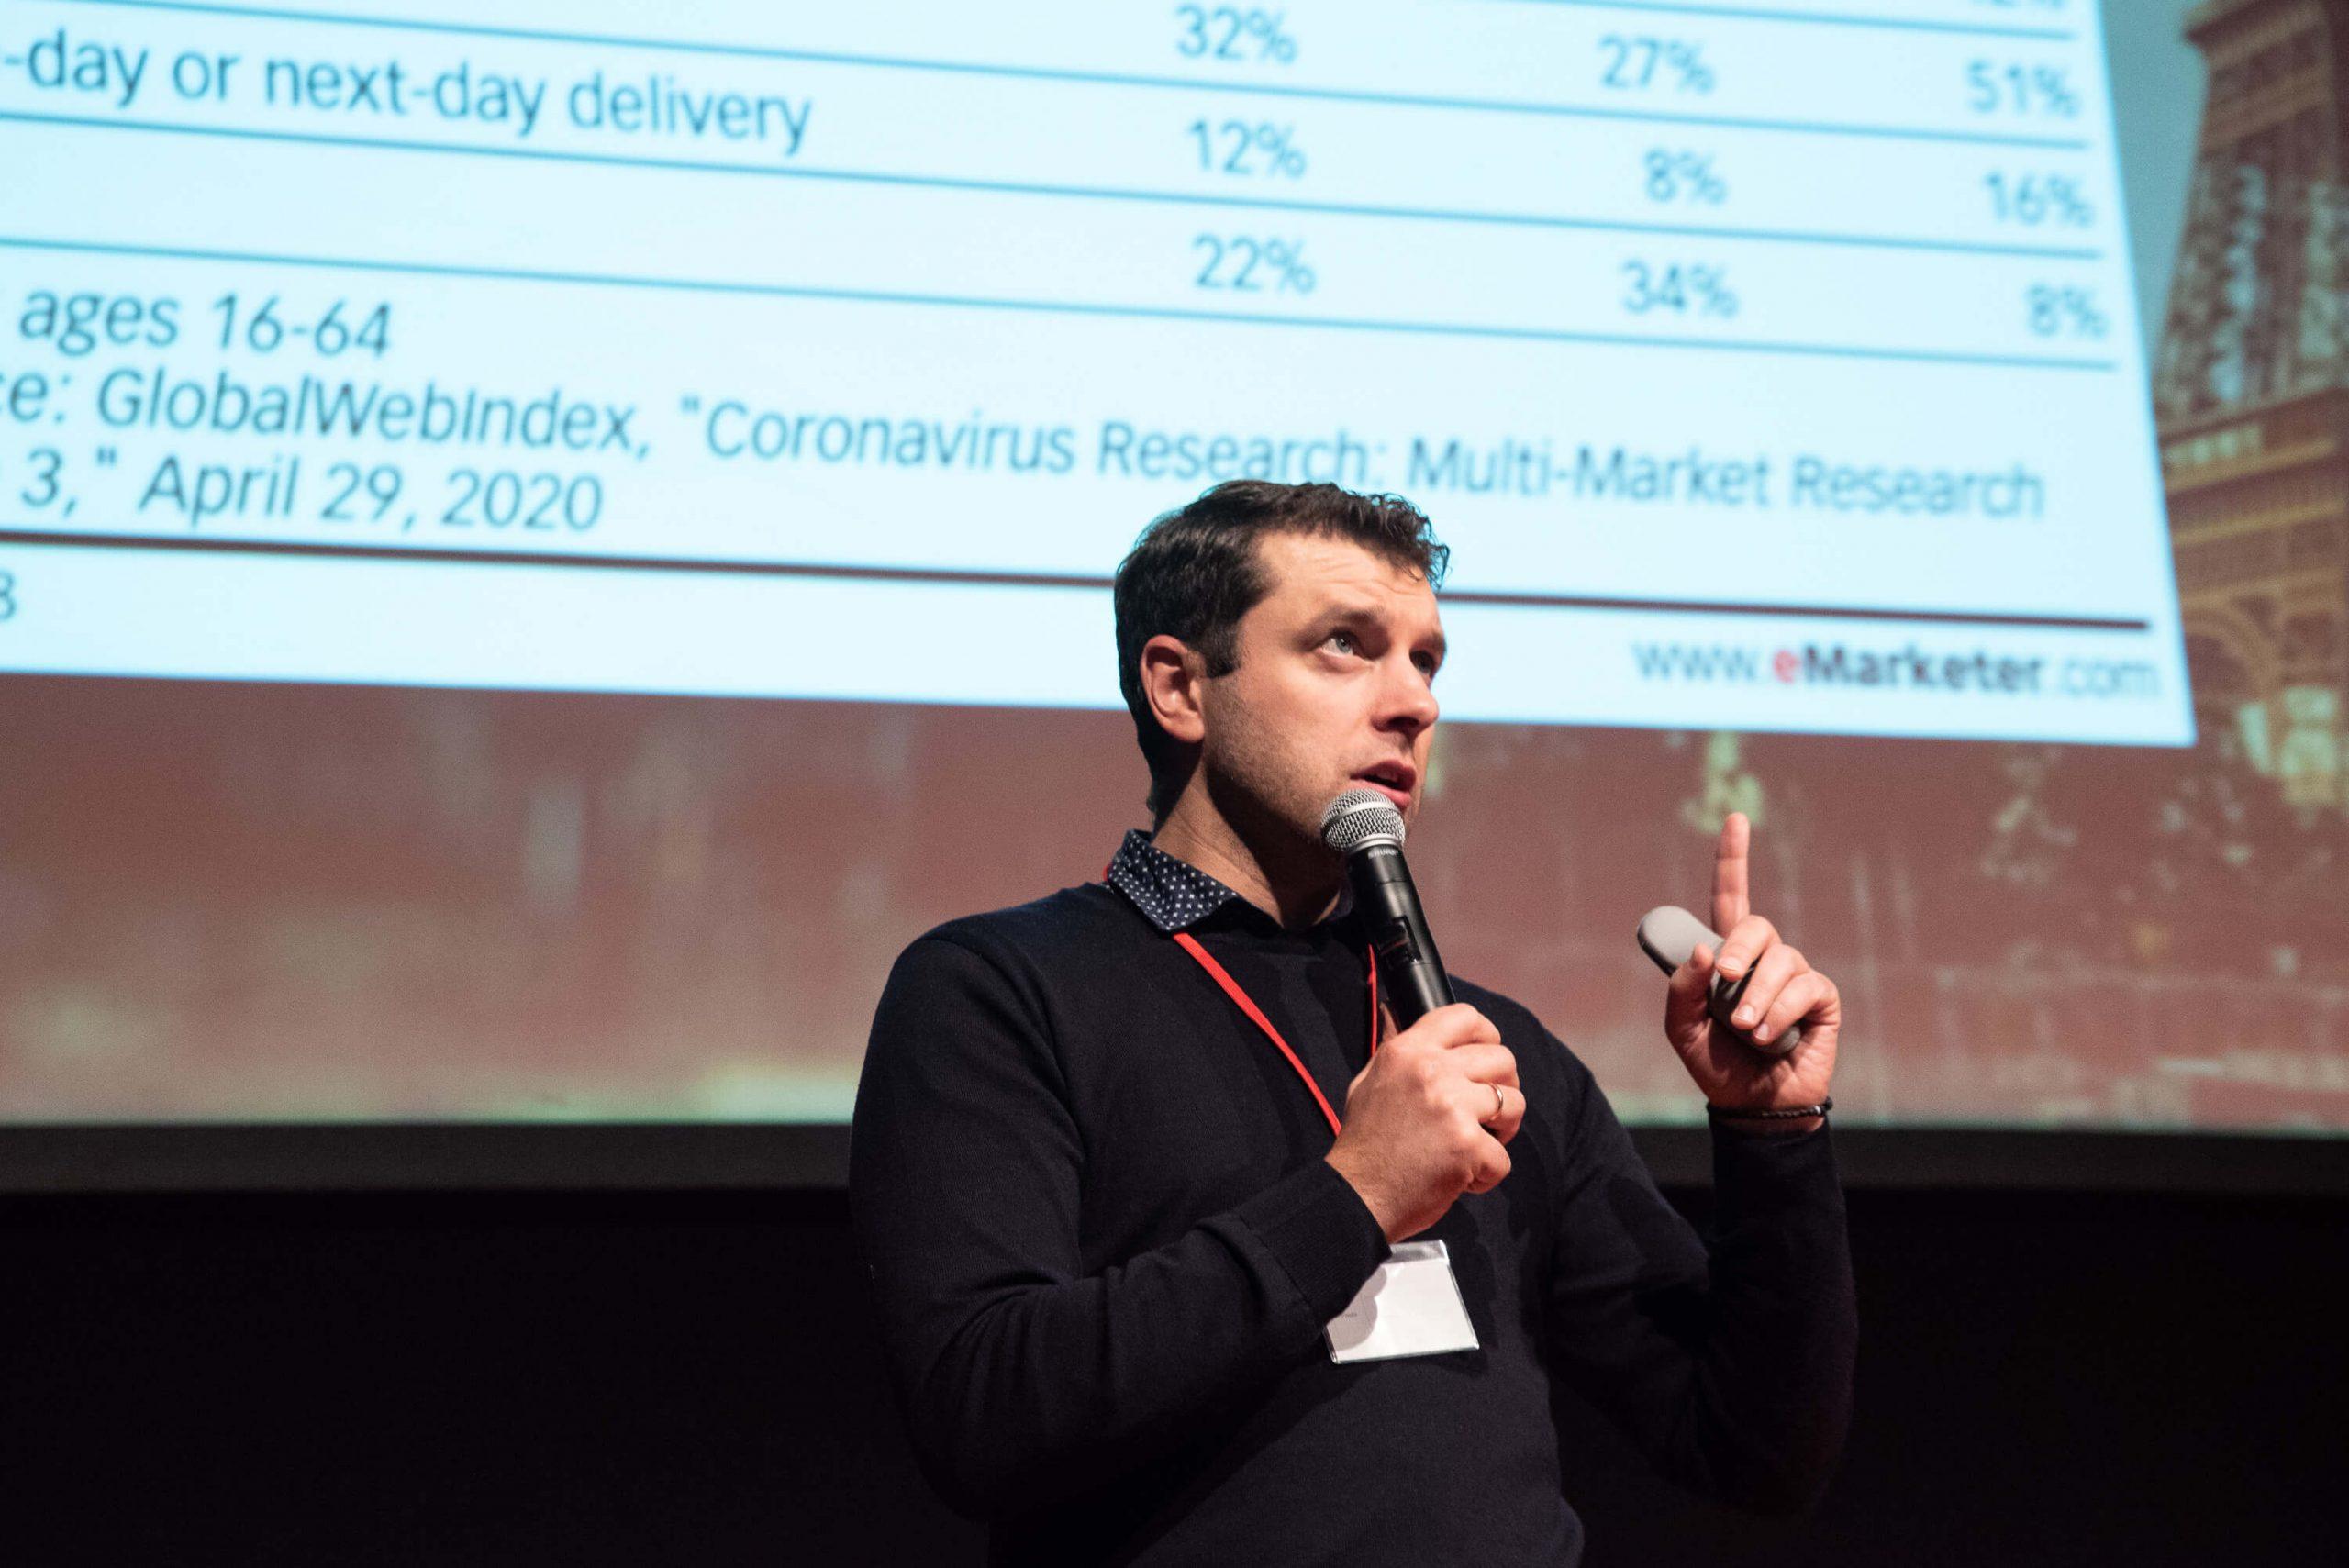 Par e-komerciju. Kā sasniegt labākus rezultātus ar digitālā marketinga palīdzību. iMarketings.lv, Sergejs-Volvenkins (PhD), RIGACOMM 2020